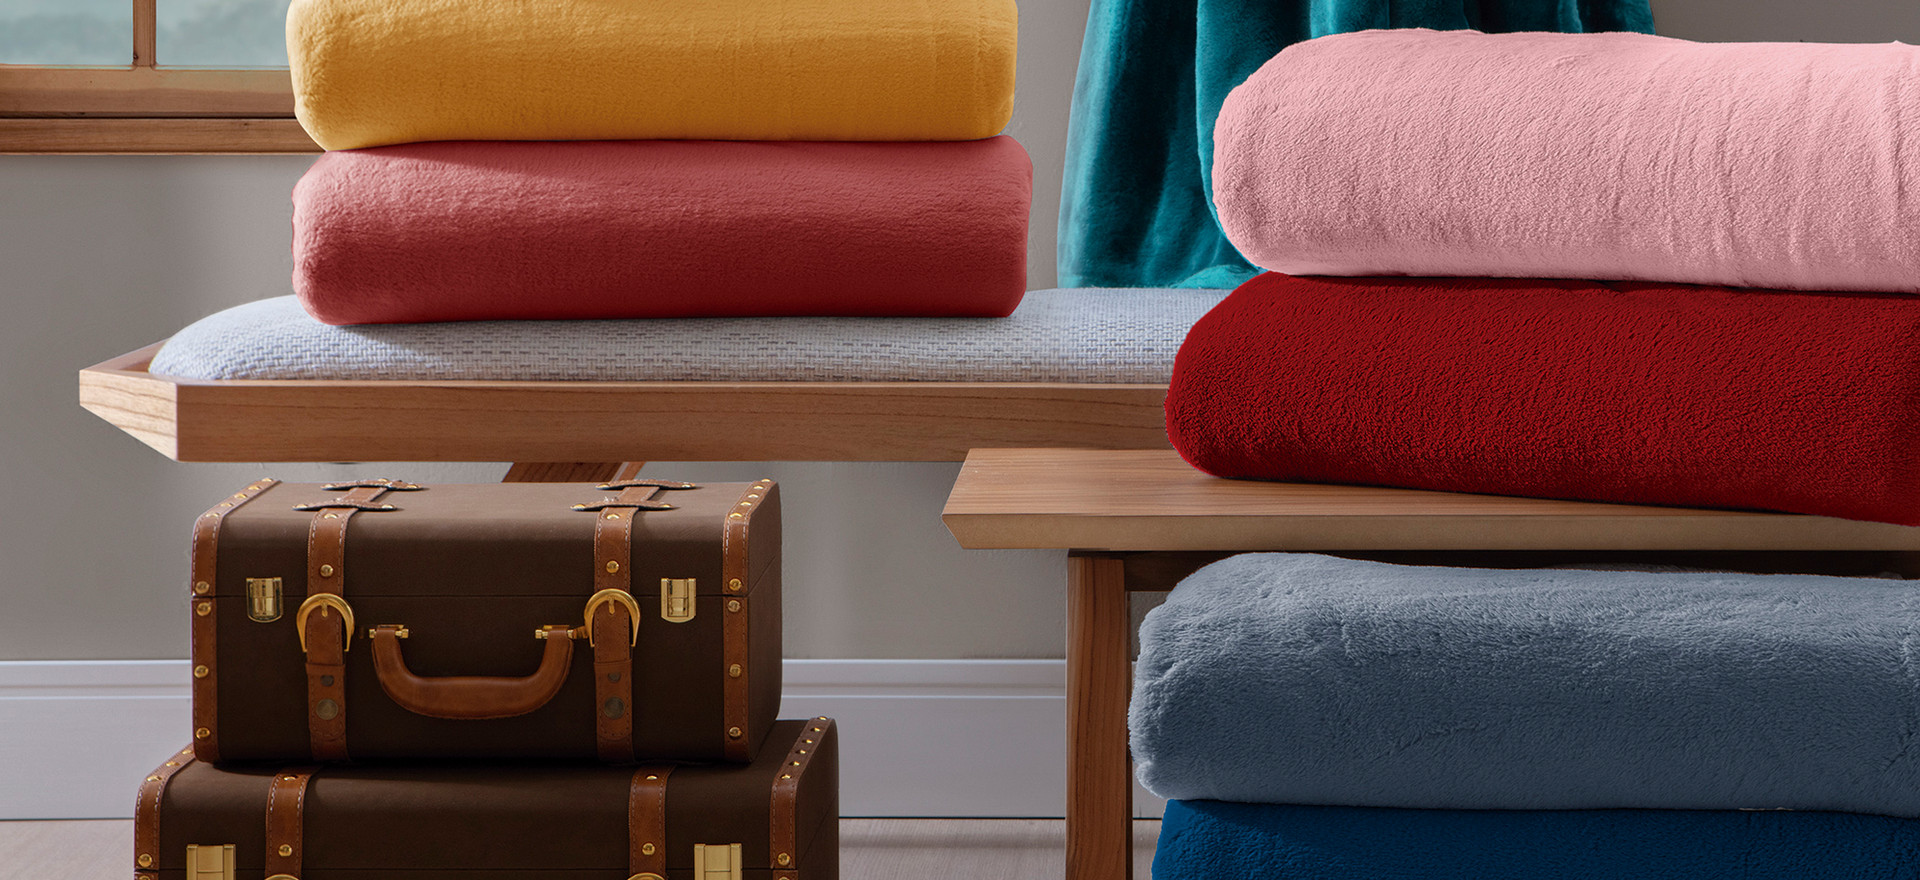 Cobertor Super Soft